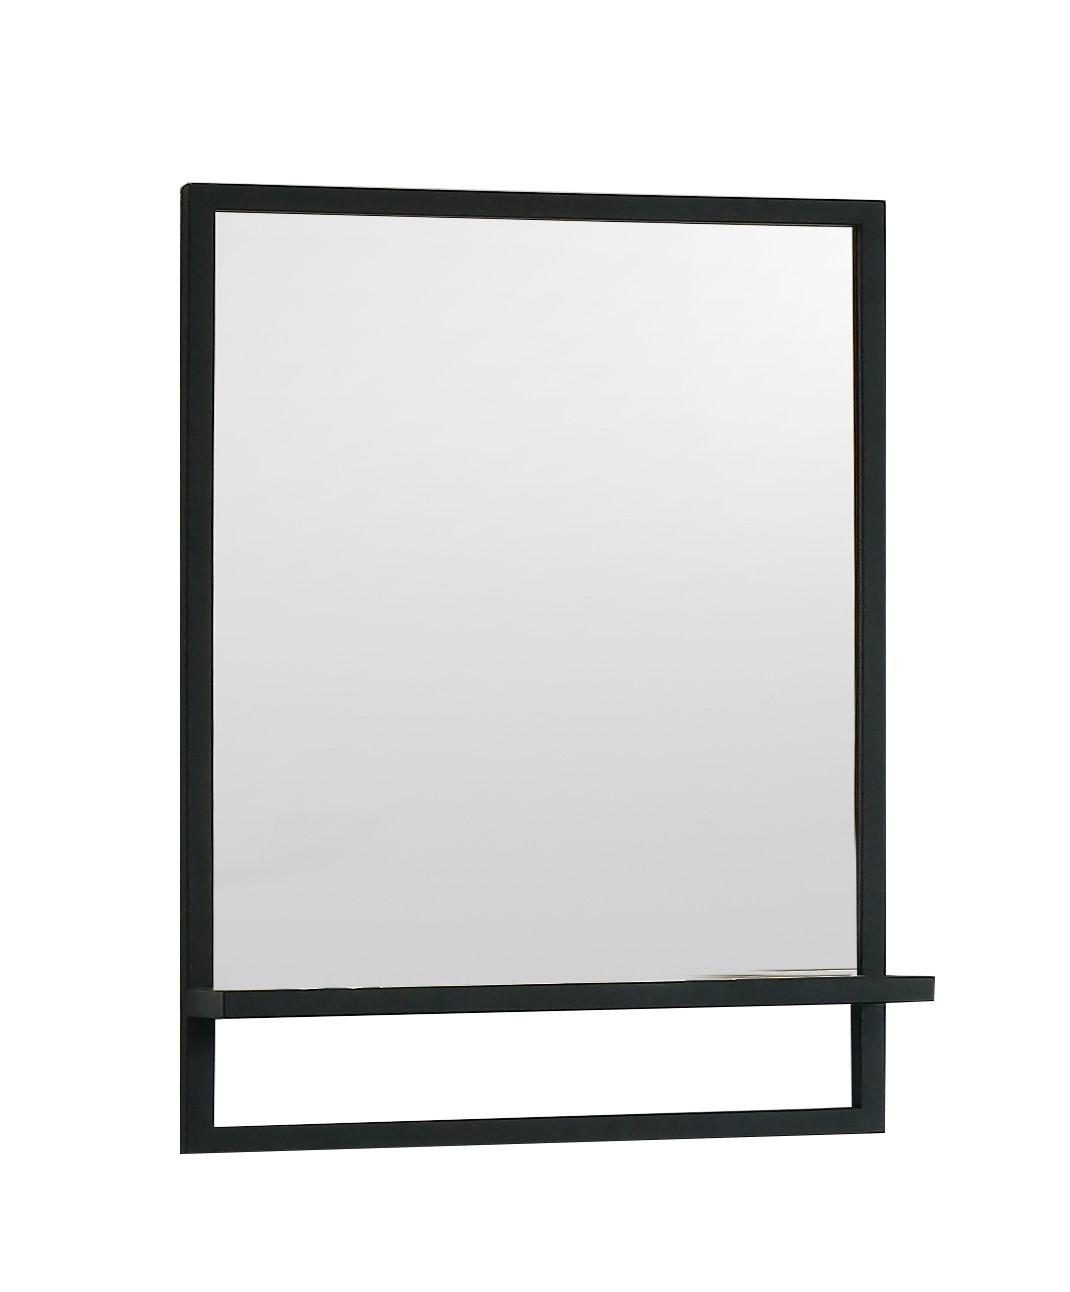 B-Stone Metal zwarte spiegel met planchet 60x70cm te koop met voordeel